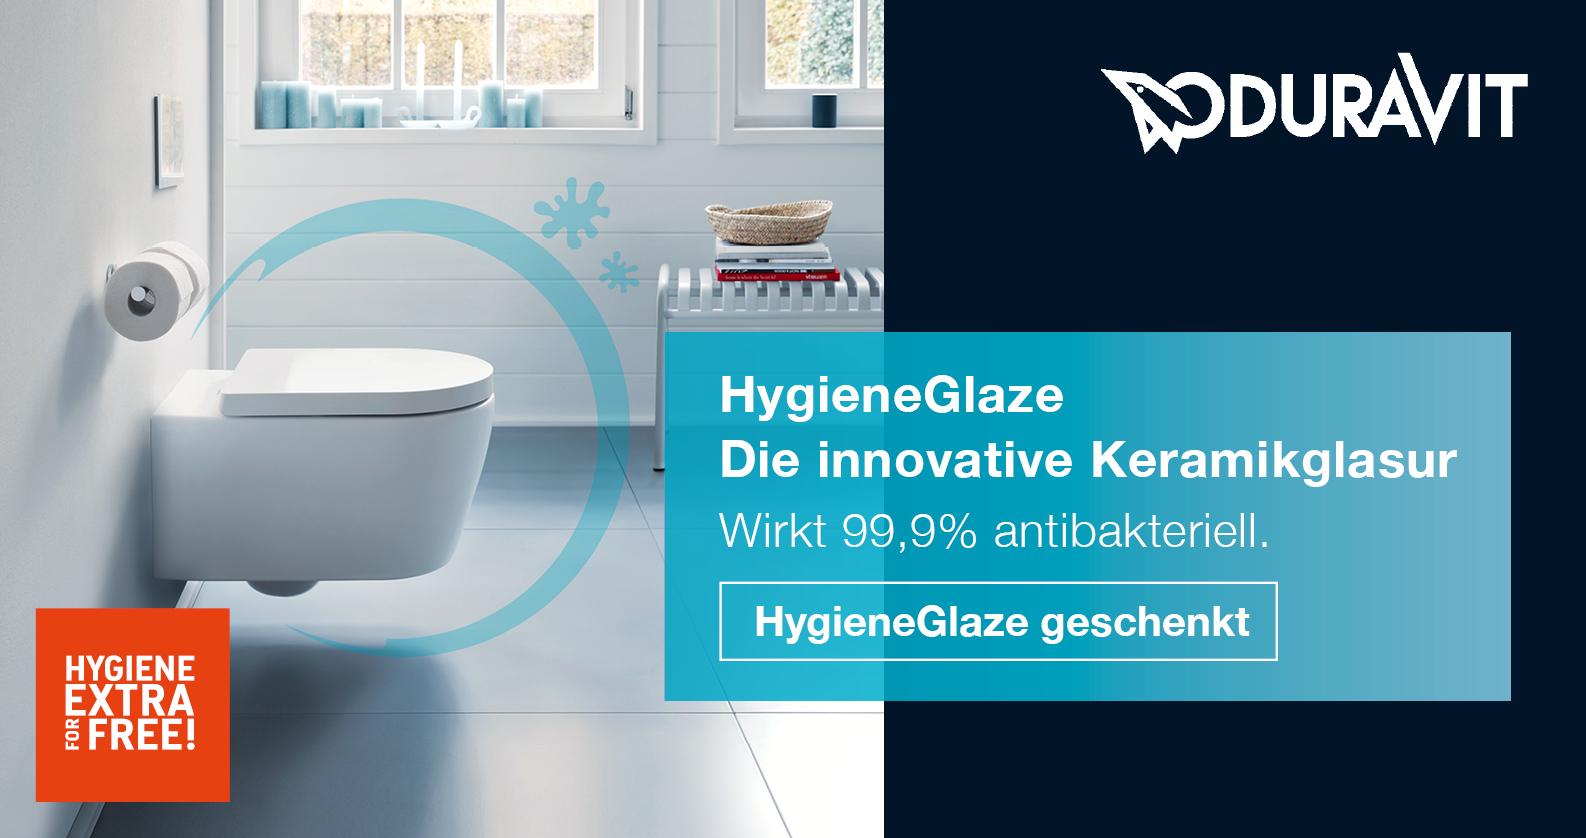 Hygiene Glasur HygieneGlaze gratis bei xTWOstore